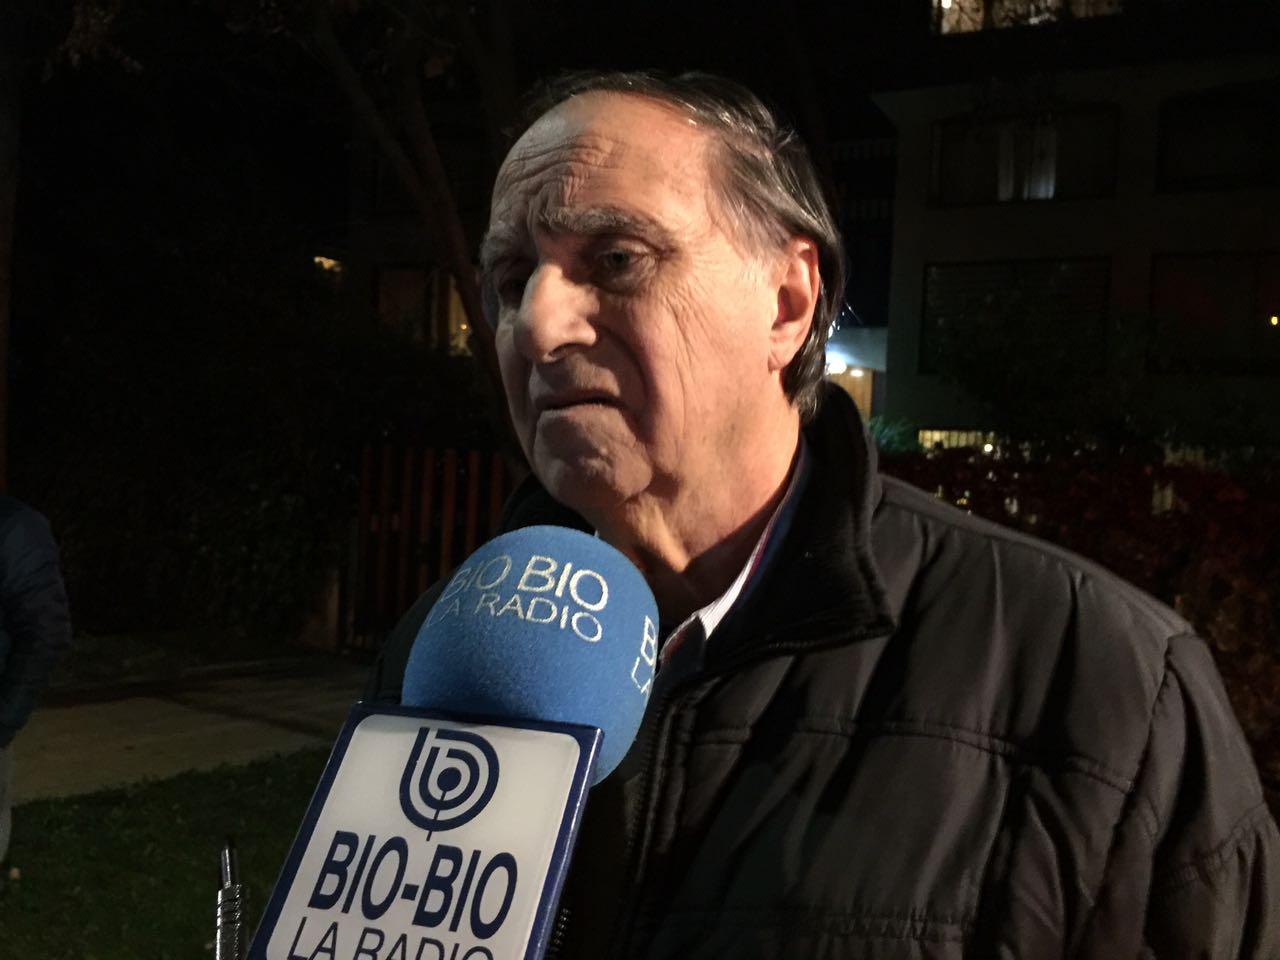 Roban a Augusto Pinochet Hiriart un auto propiedad de su padre